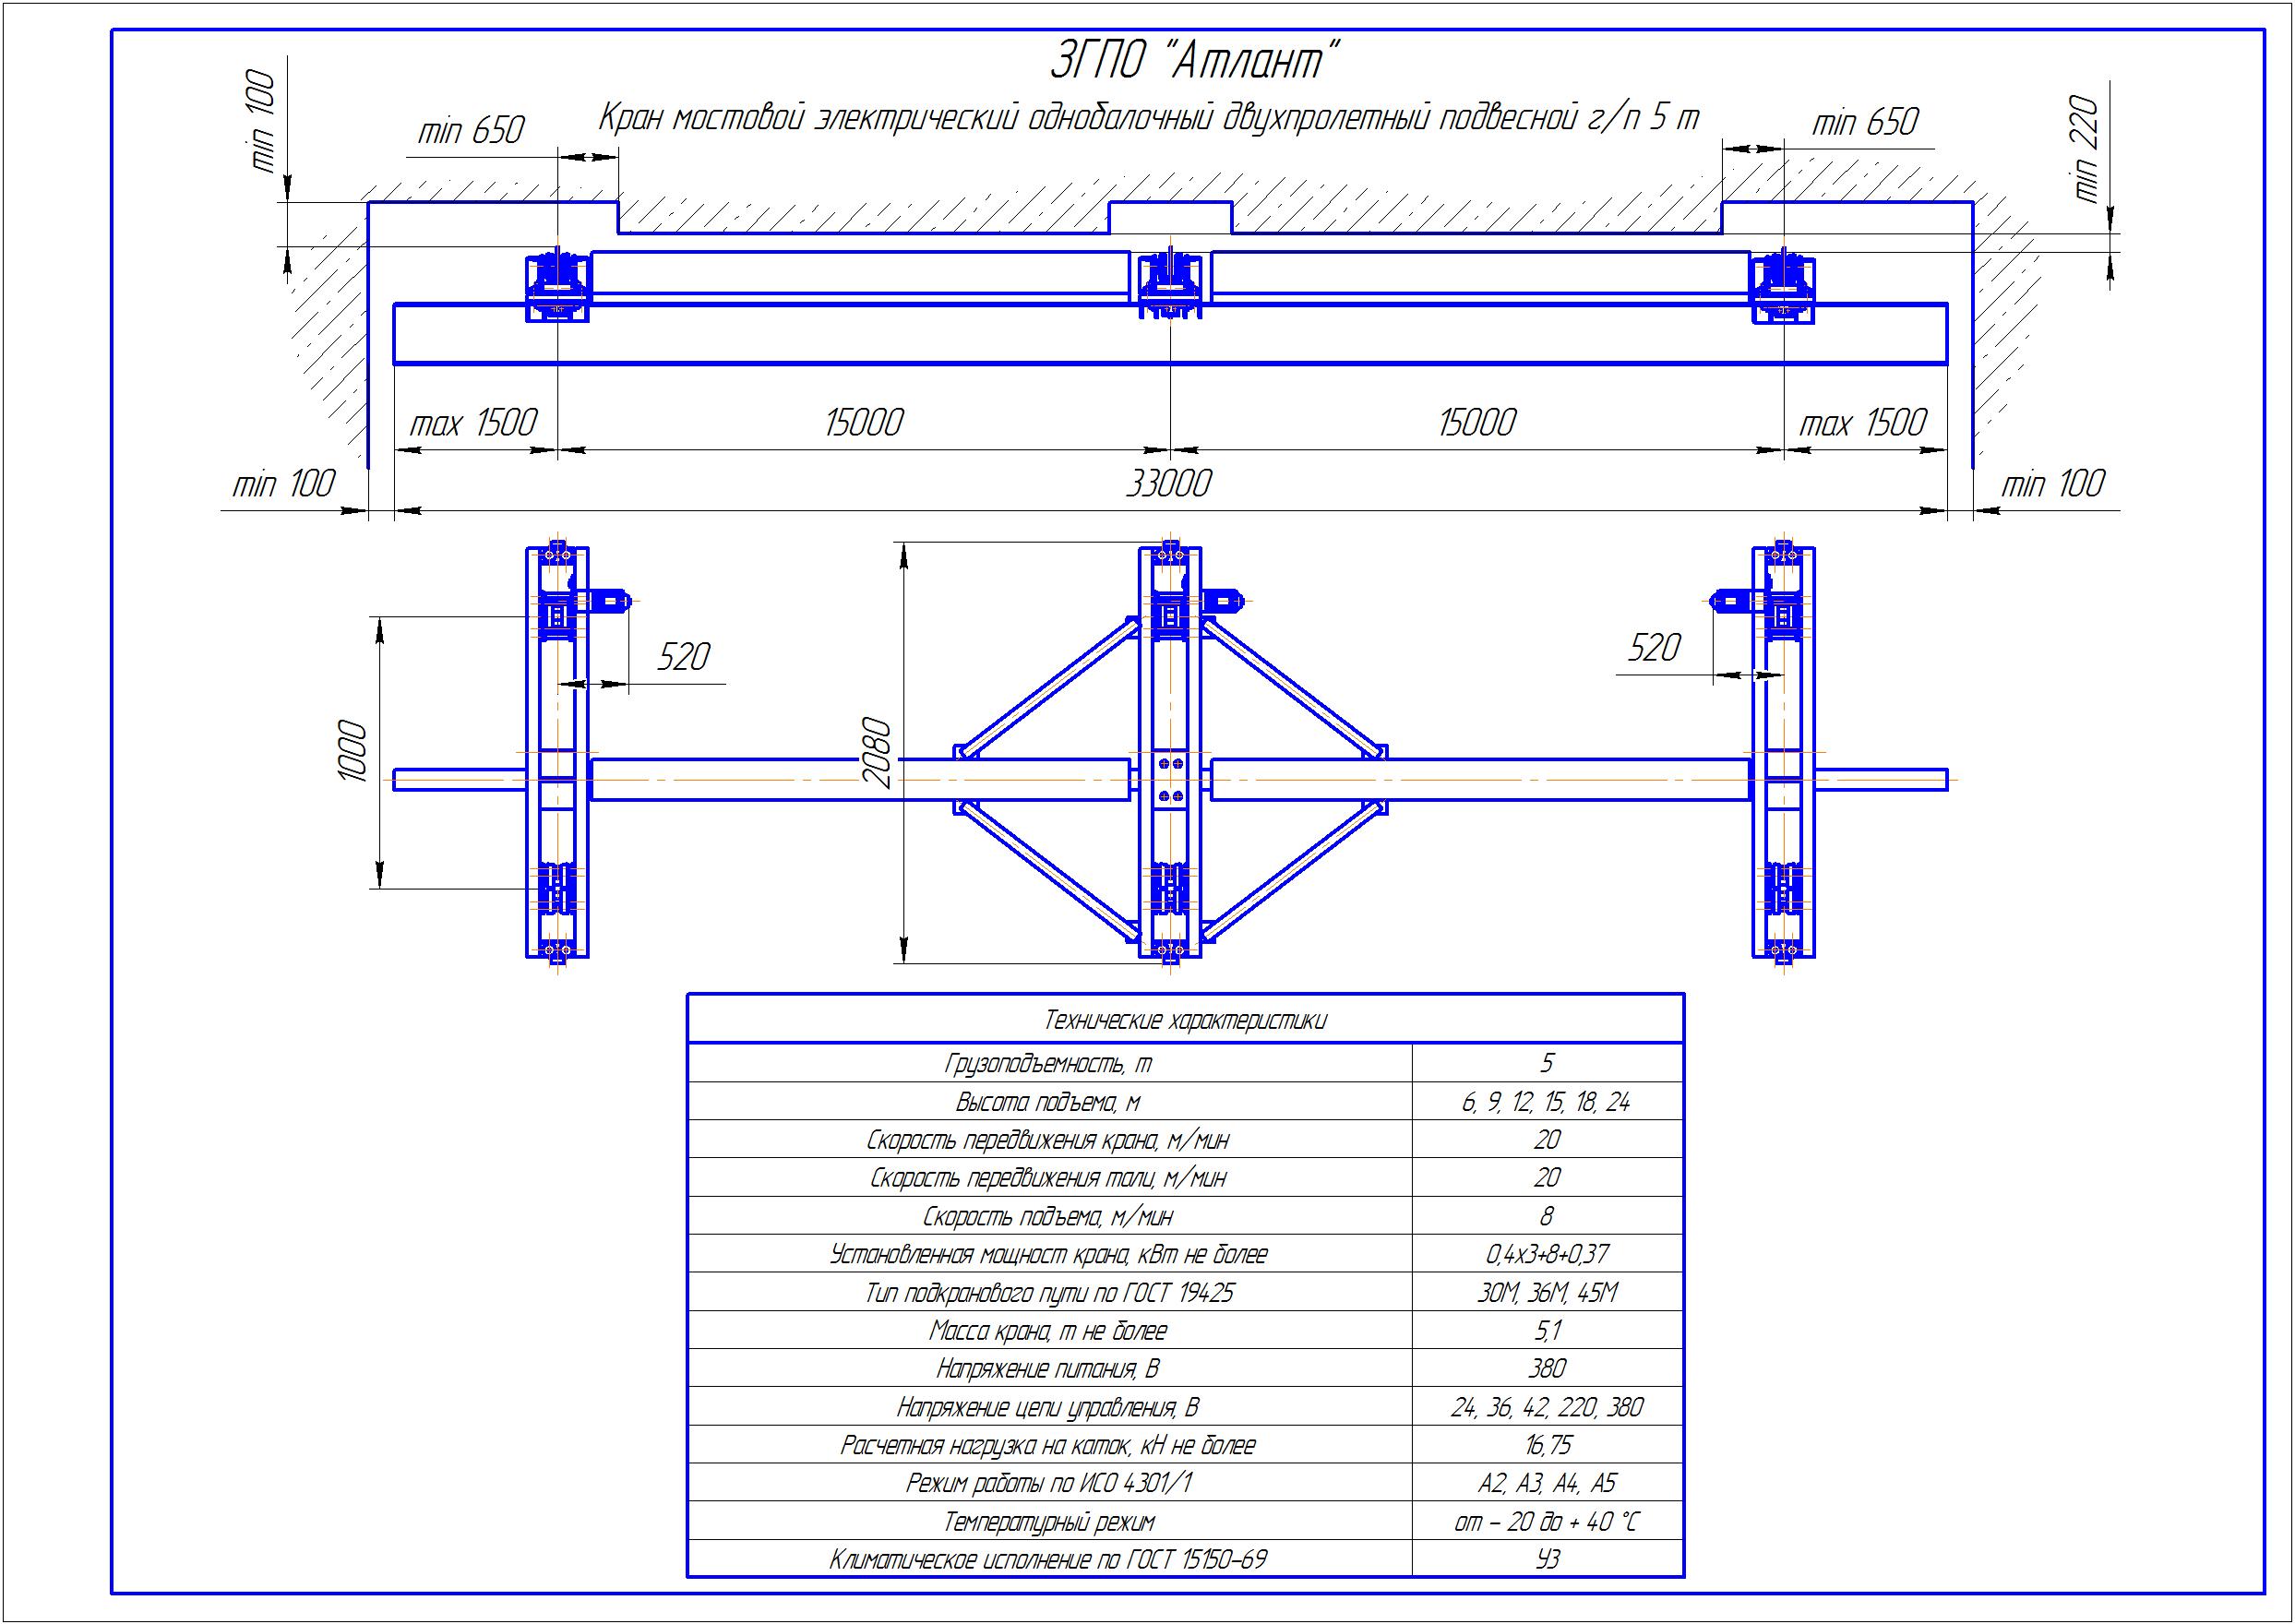 KBPD 4 5 - Подвесная кран балка двухпролетная